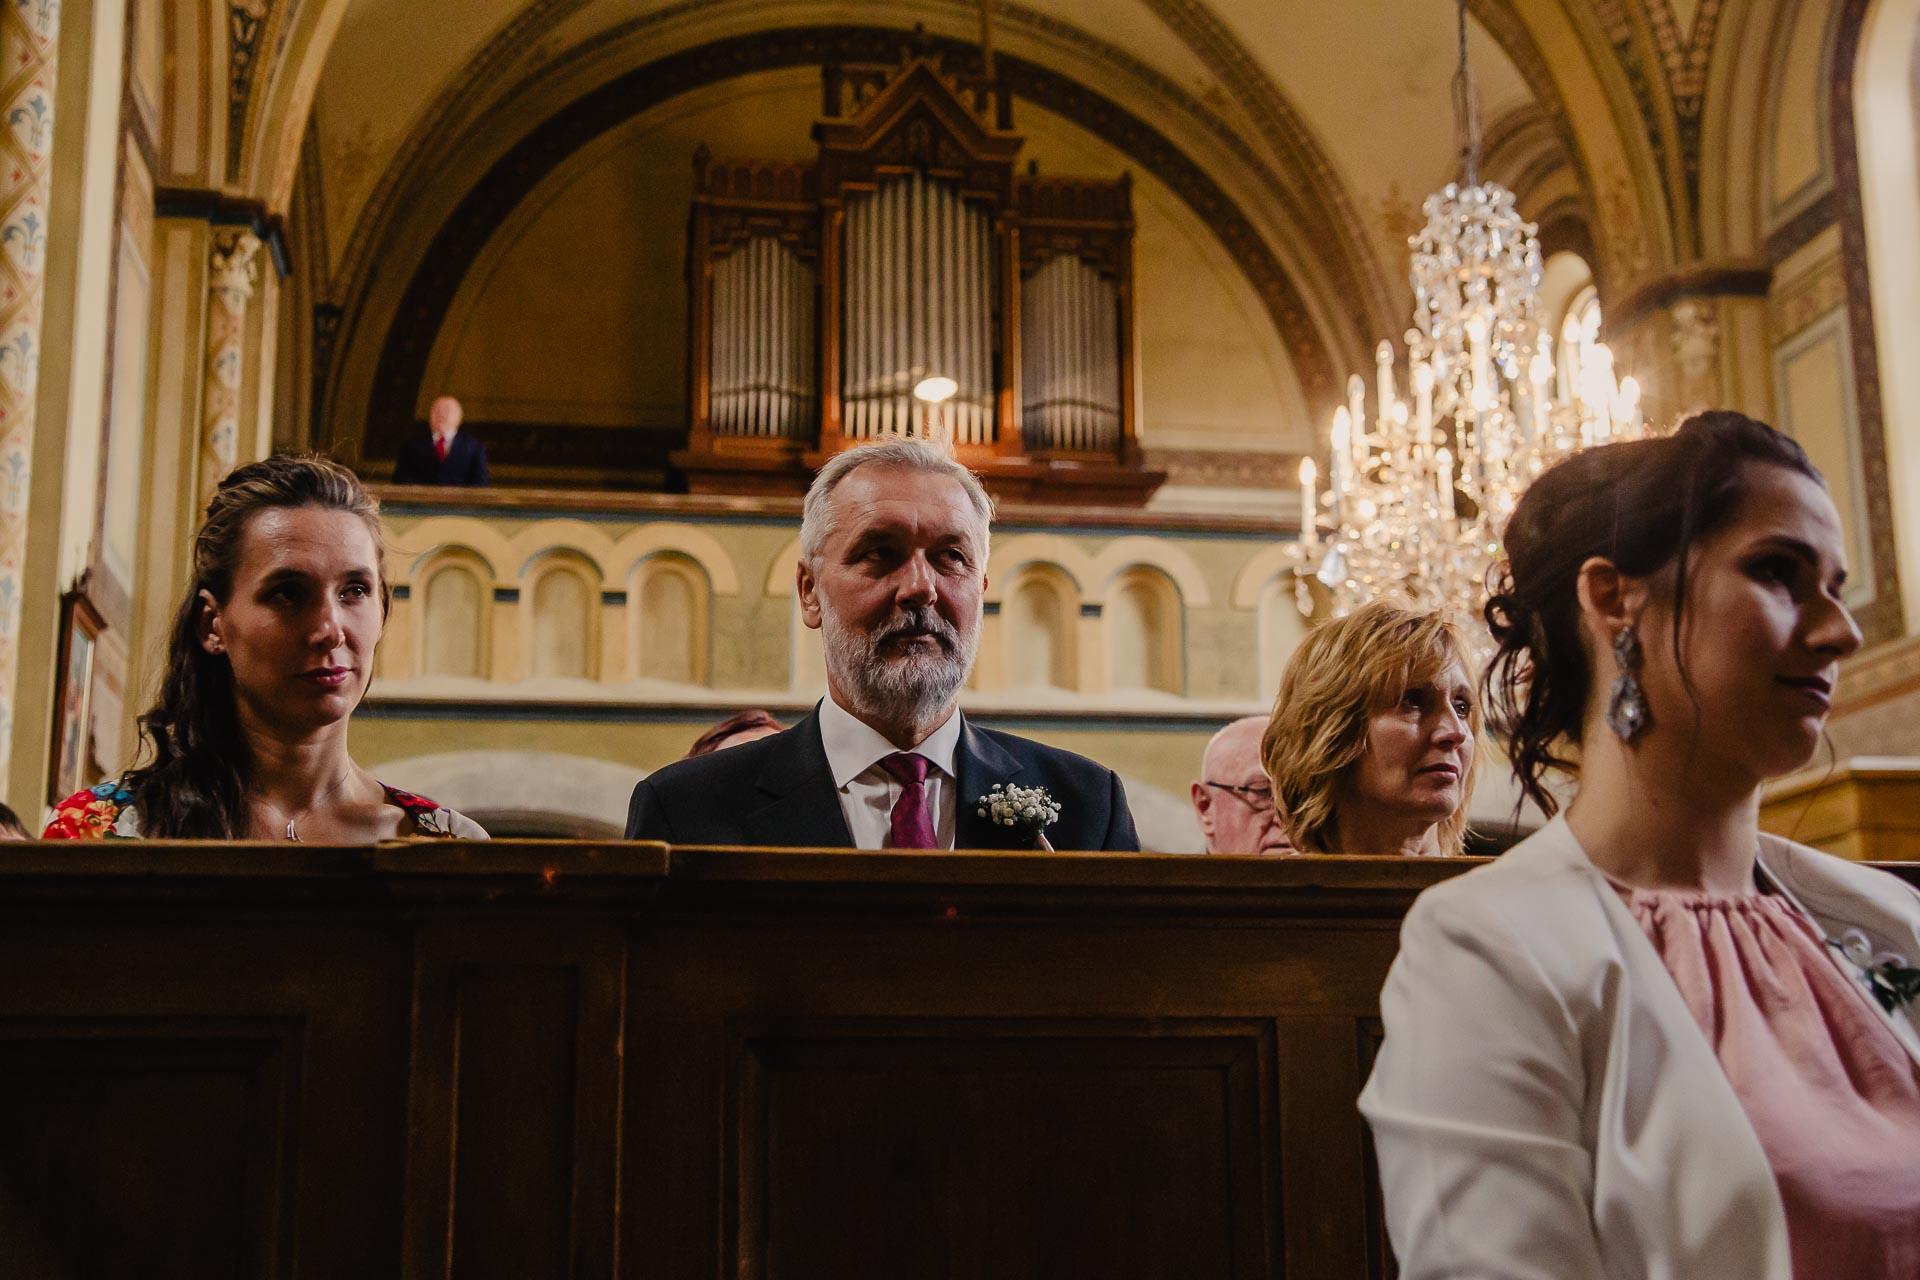 svatební fotograf Praha,svatba střední čechy, církevní obřad, svatba v kostele, nejhezčí svatební fotografie-2341